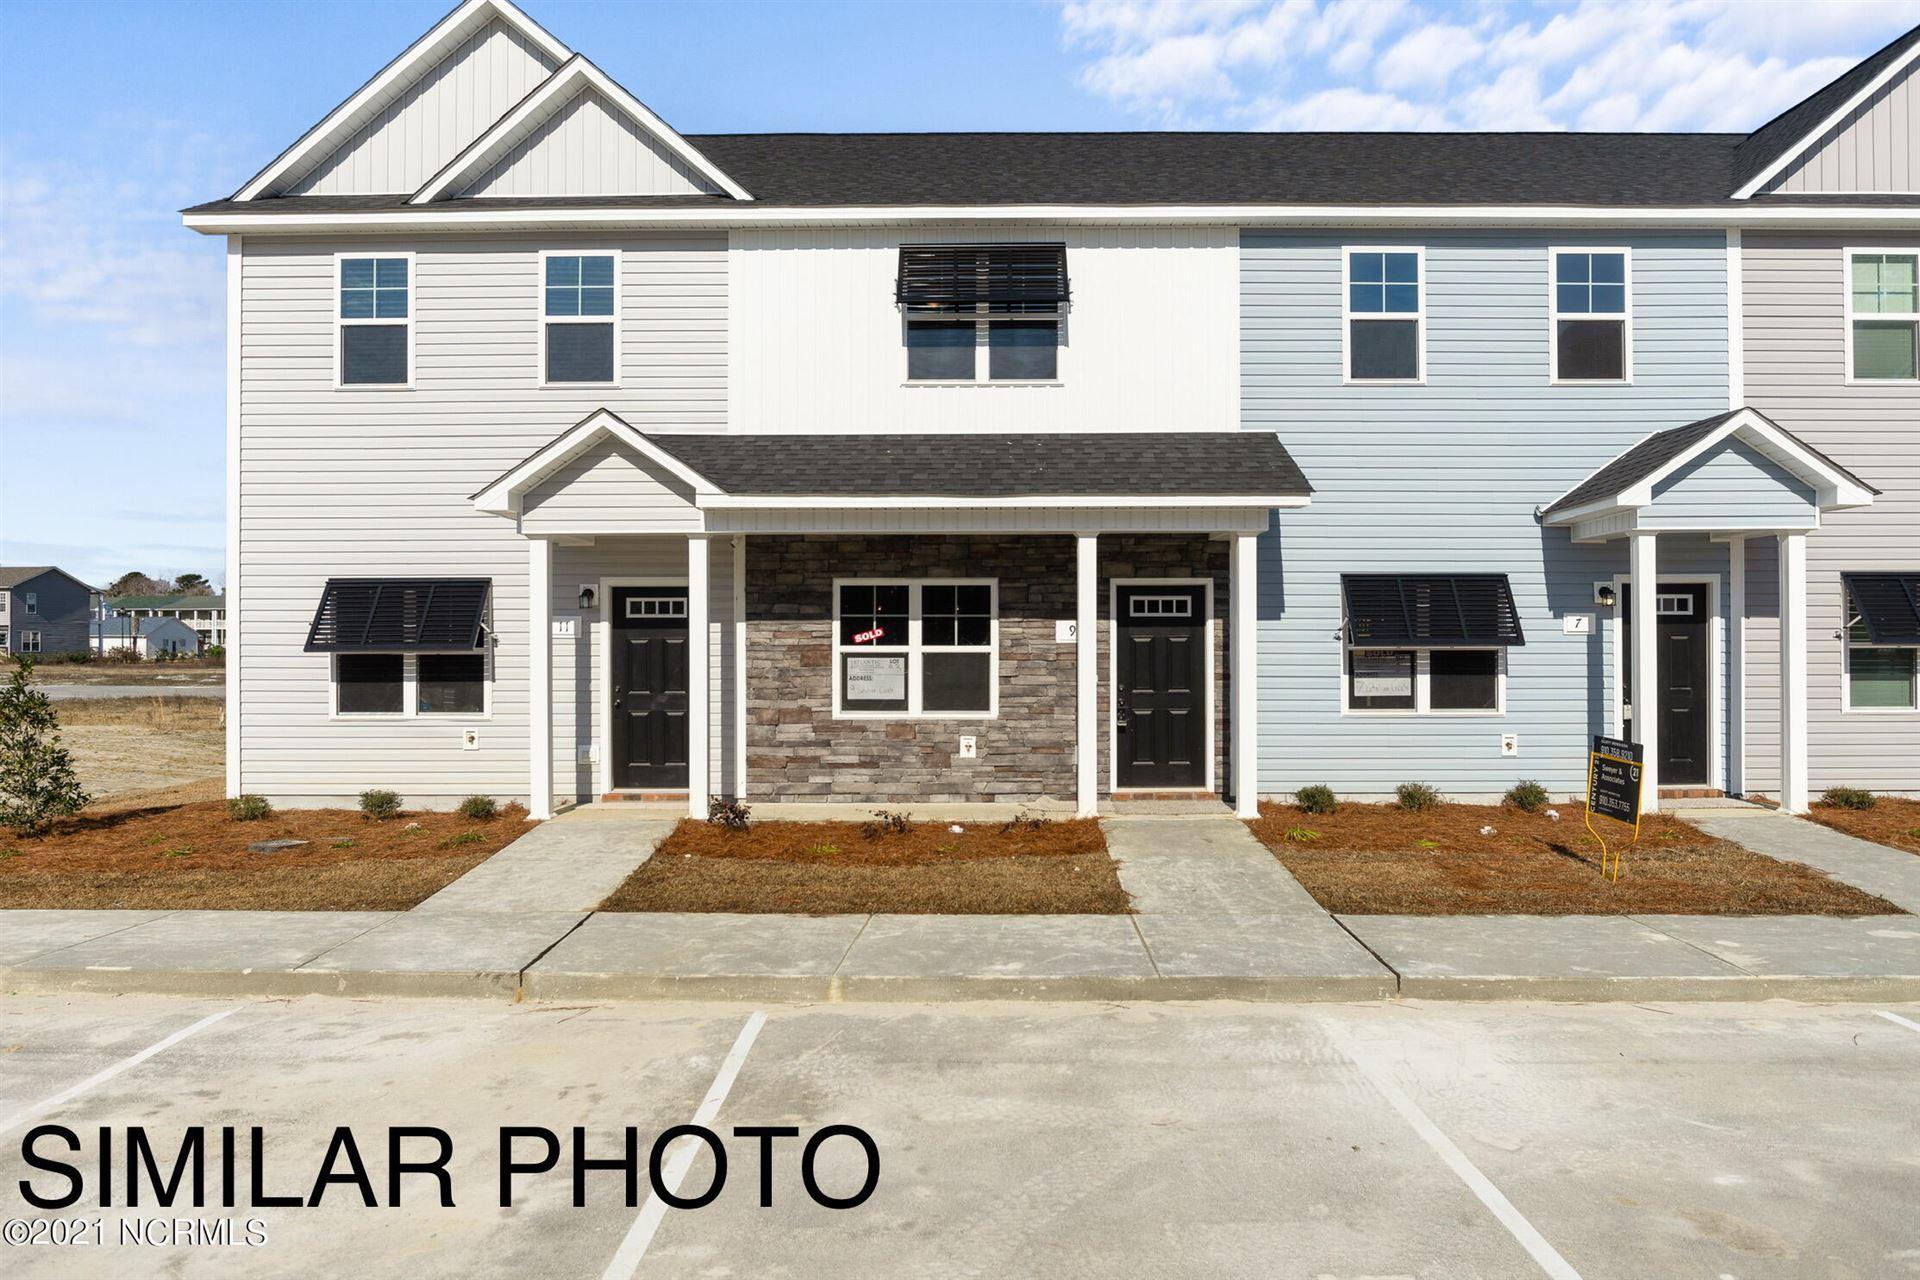 Photo of 33 Catalina Circle, Swansboro, NC 28584 (MLS # 100274619)